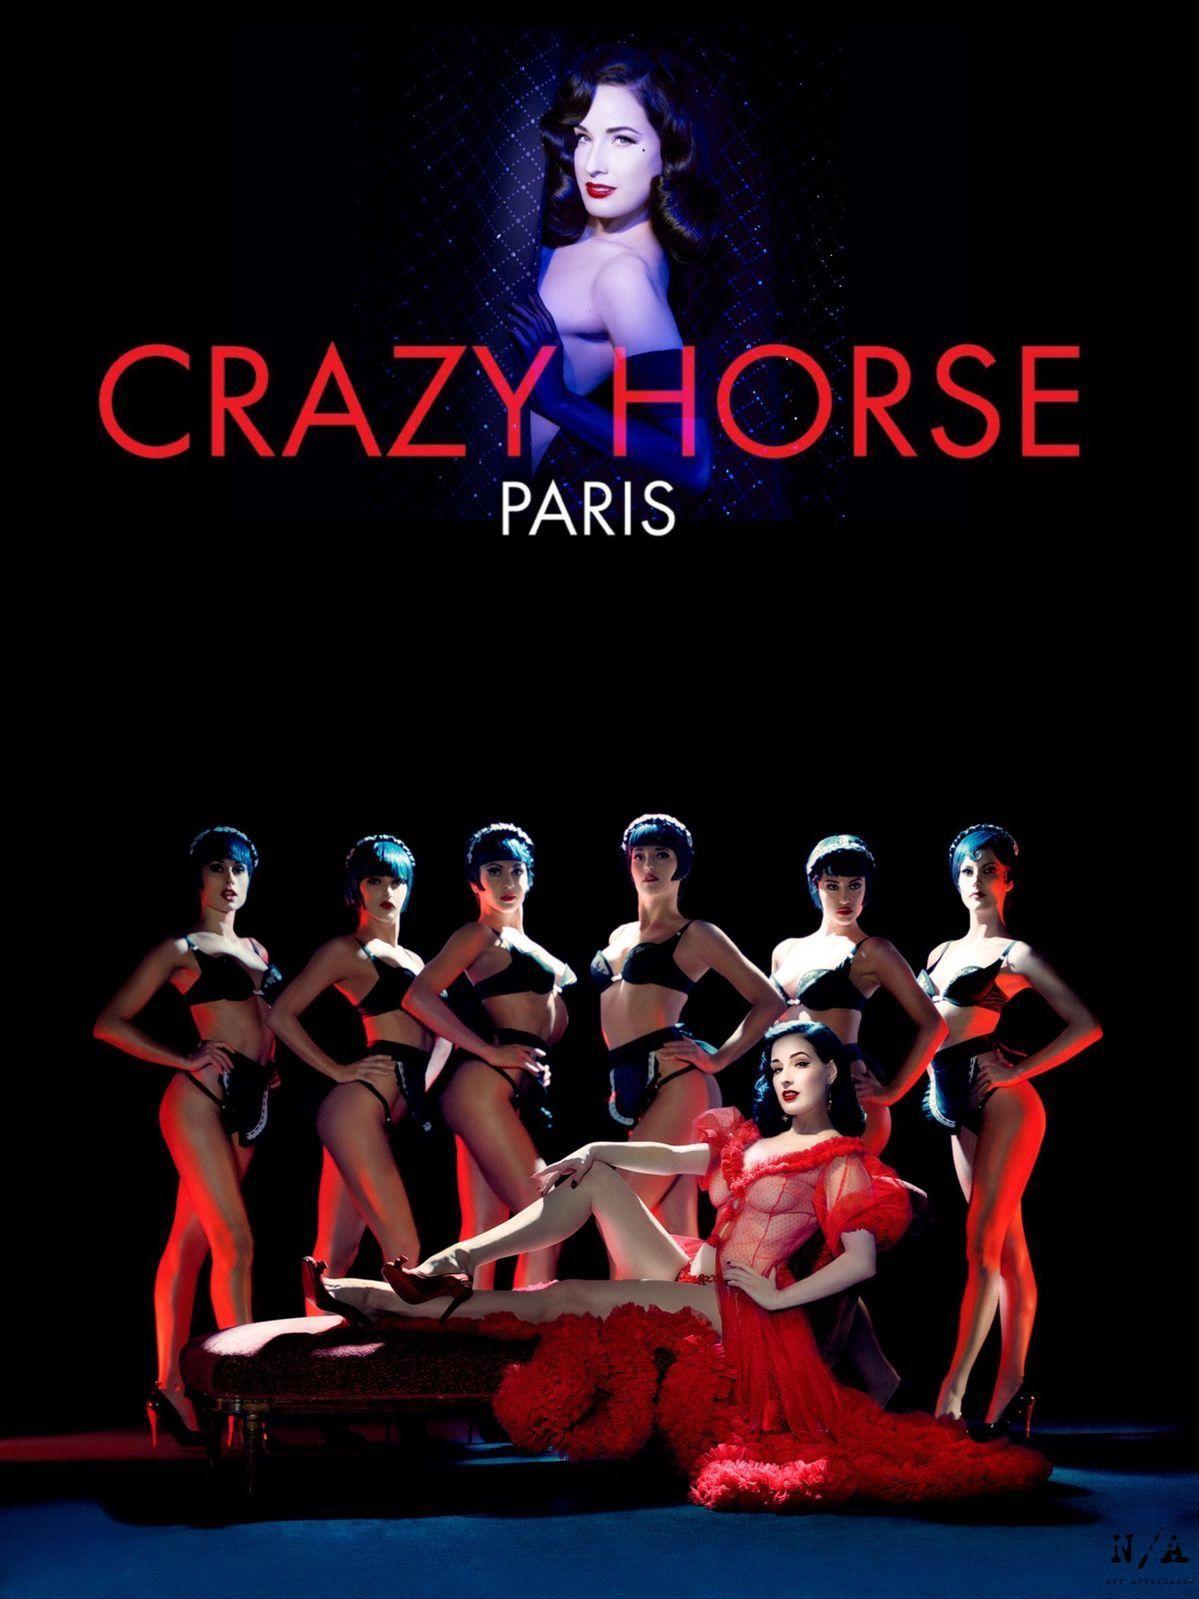 Crazy Horse Paris | Travel Channel